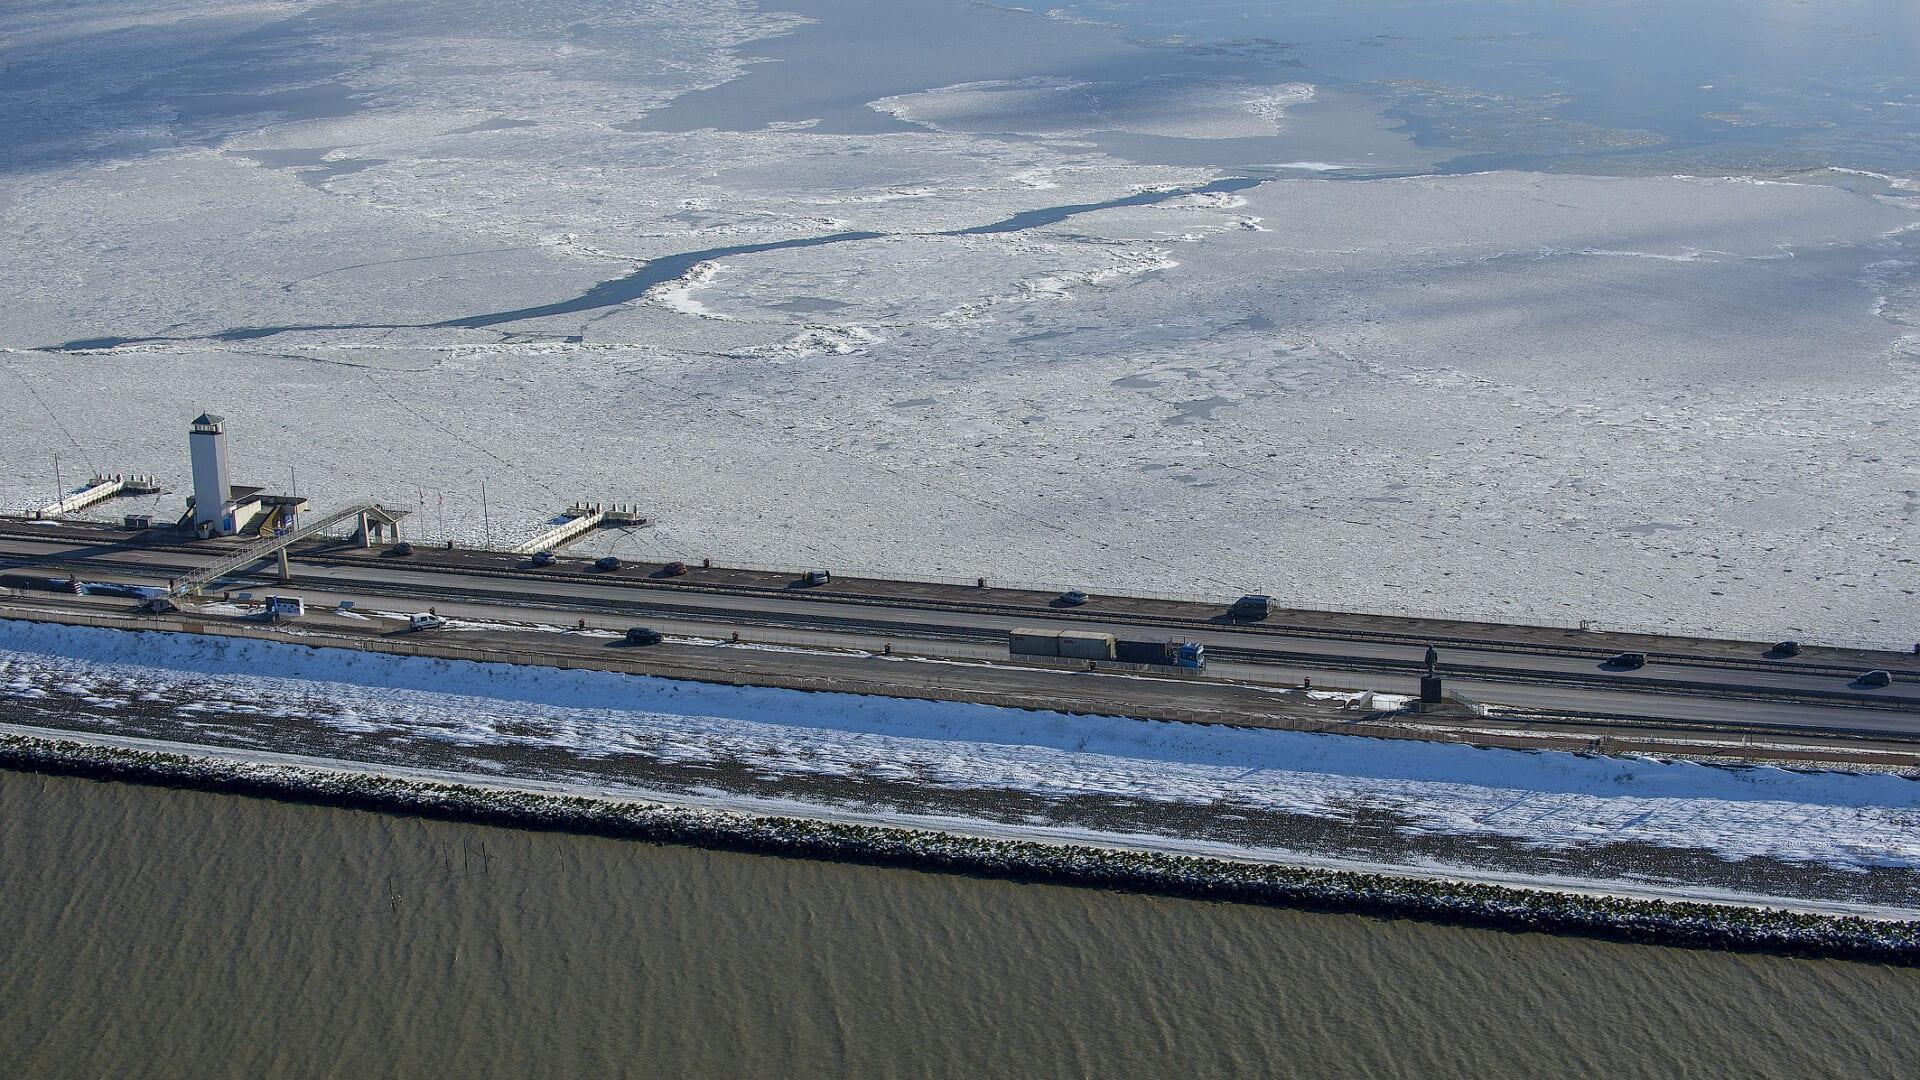 Luchtfoto van het Vlietermonument. Deze uitkijktoren staat op de Afsluitdijk en geeft een uitzicht over de hele omgeving.